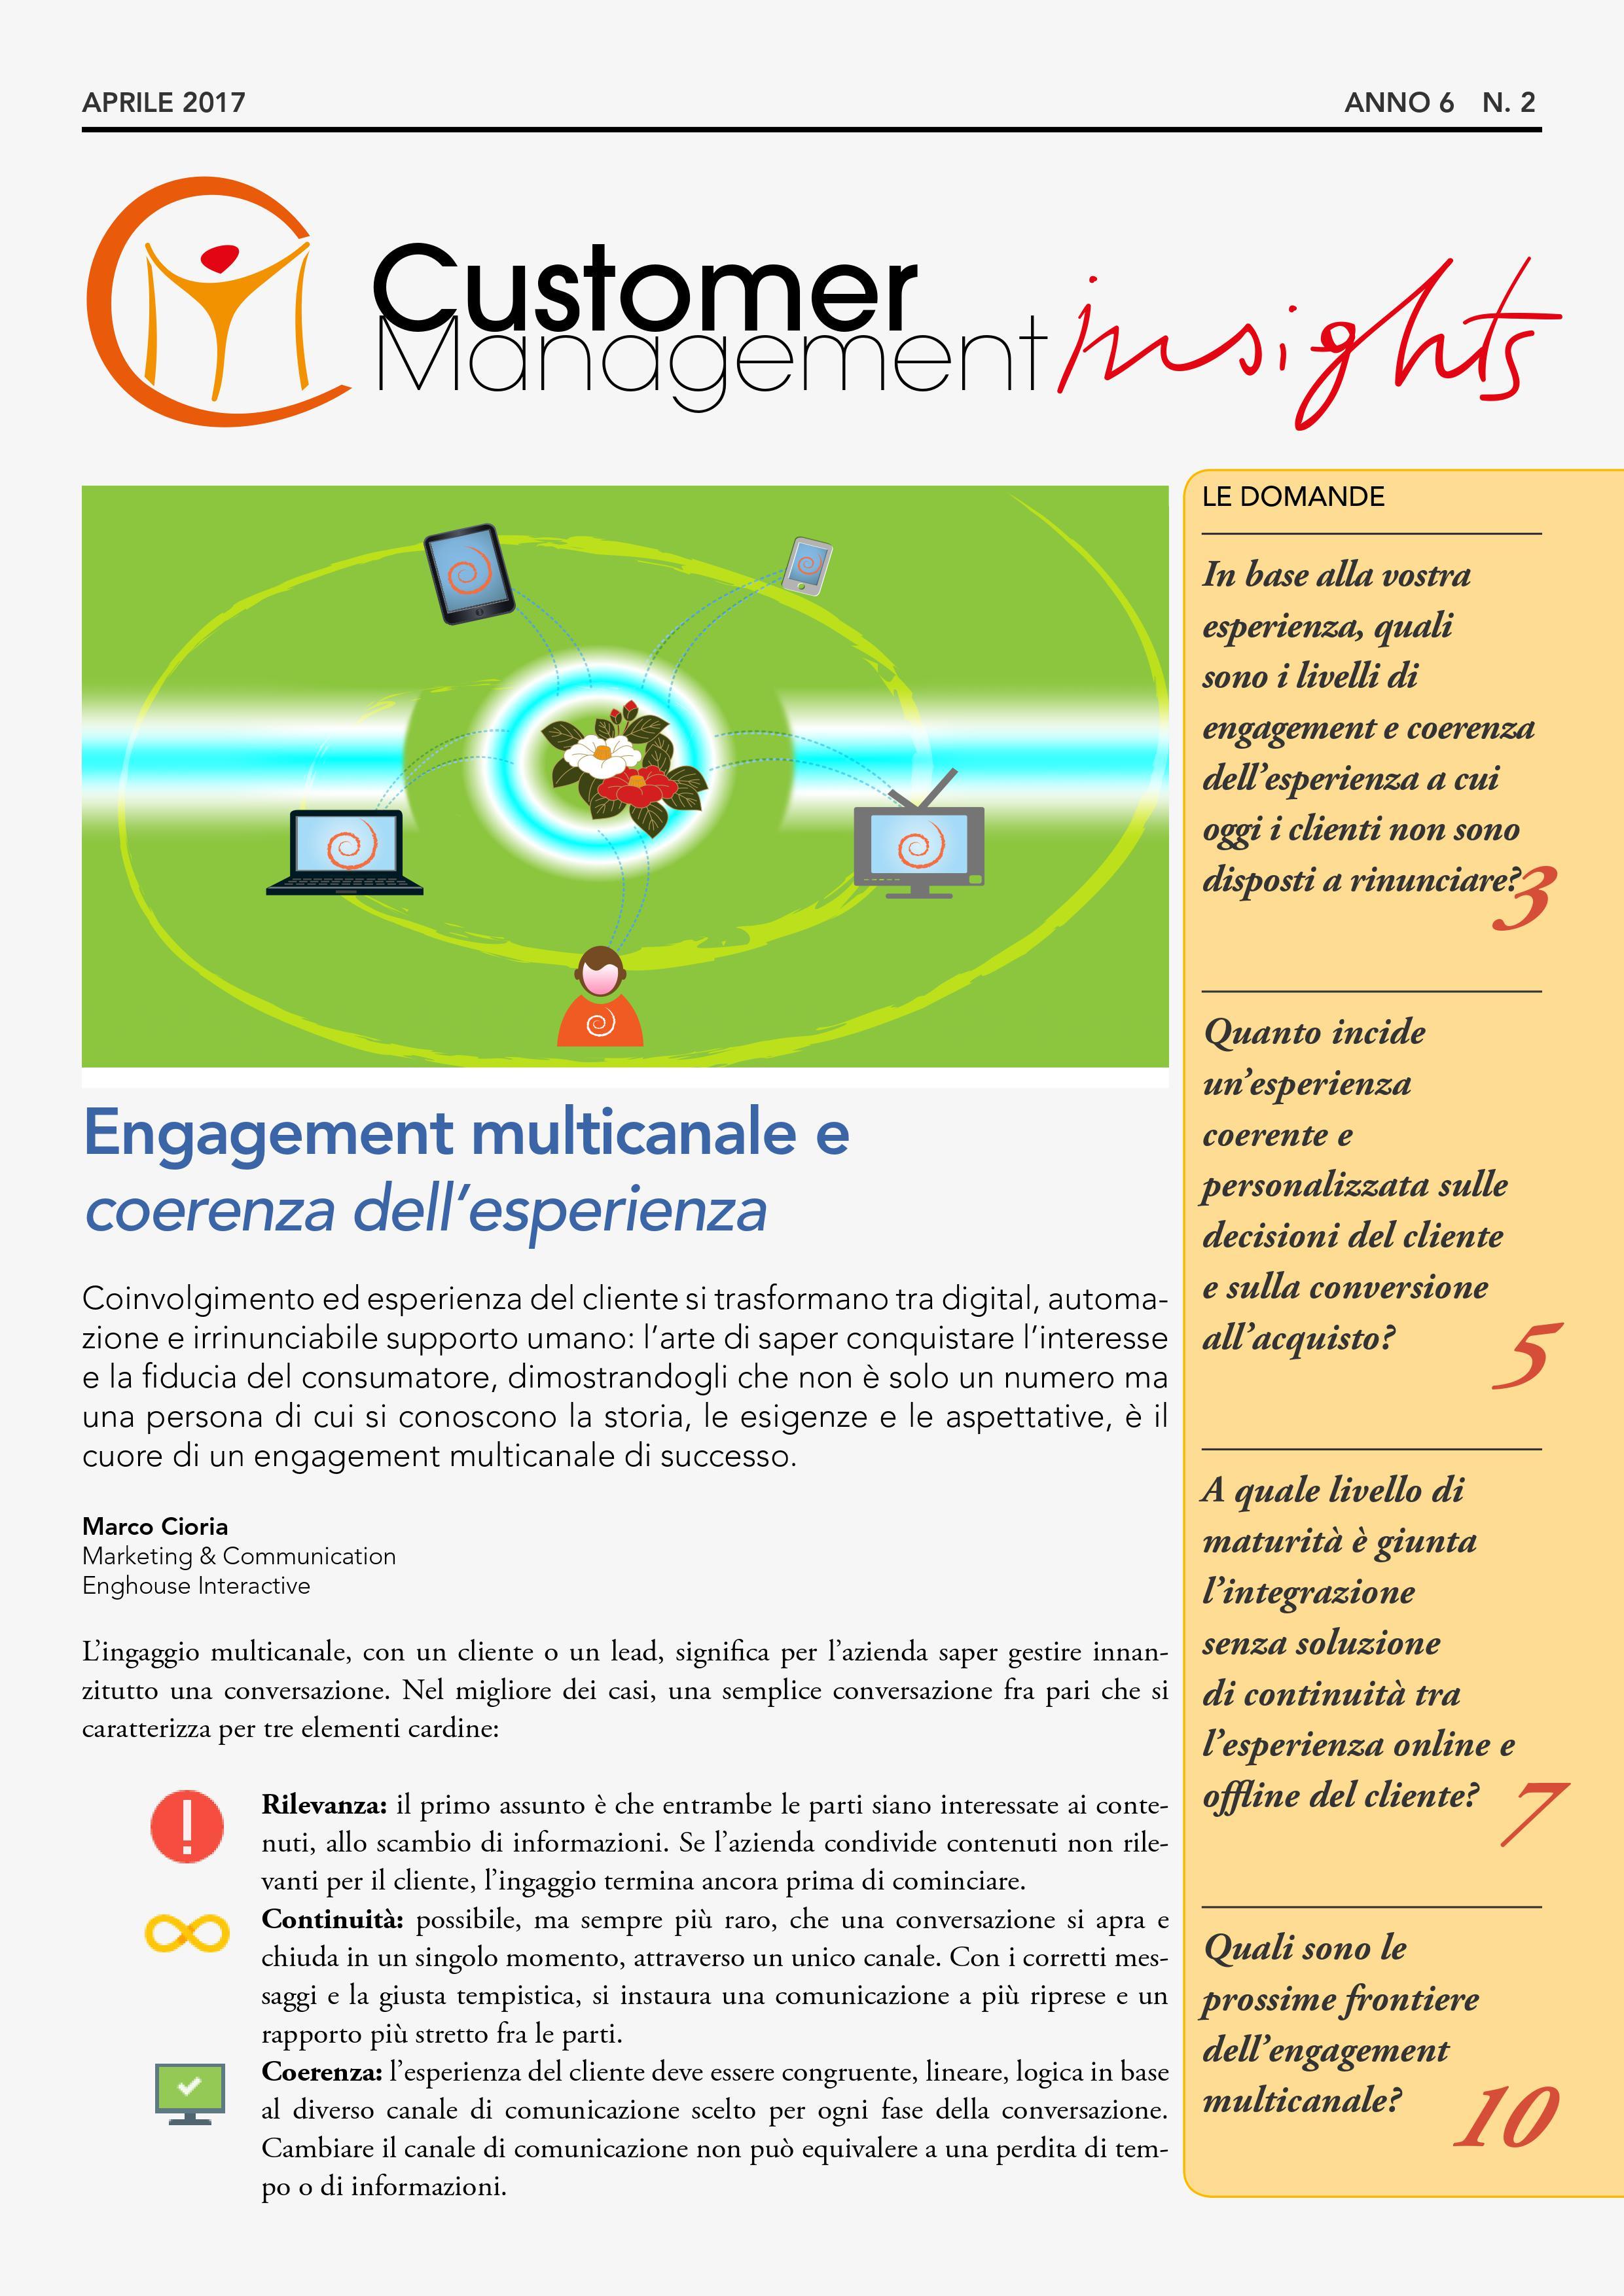 Engagement multicanale e coerenza dell'esperienza – CMI anno 6 n. 2